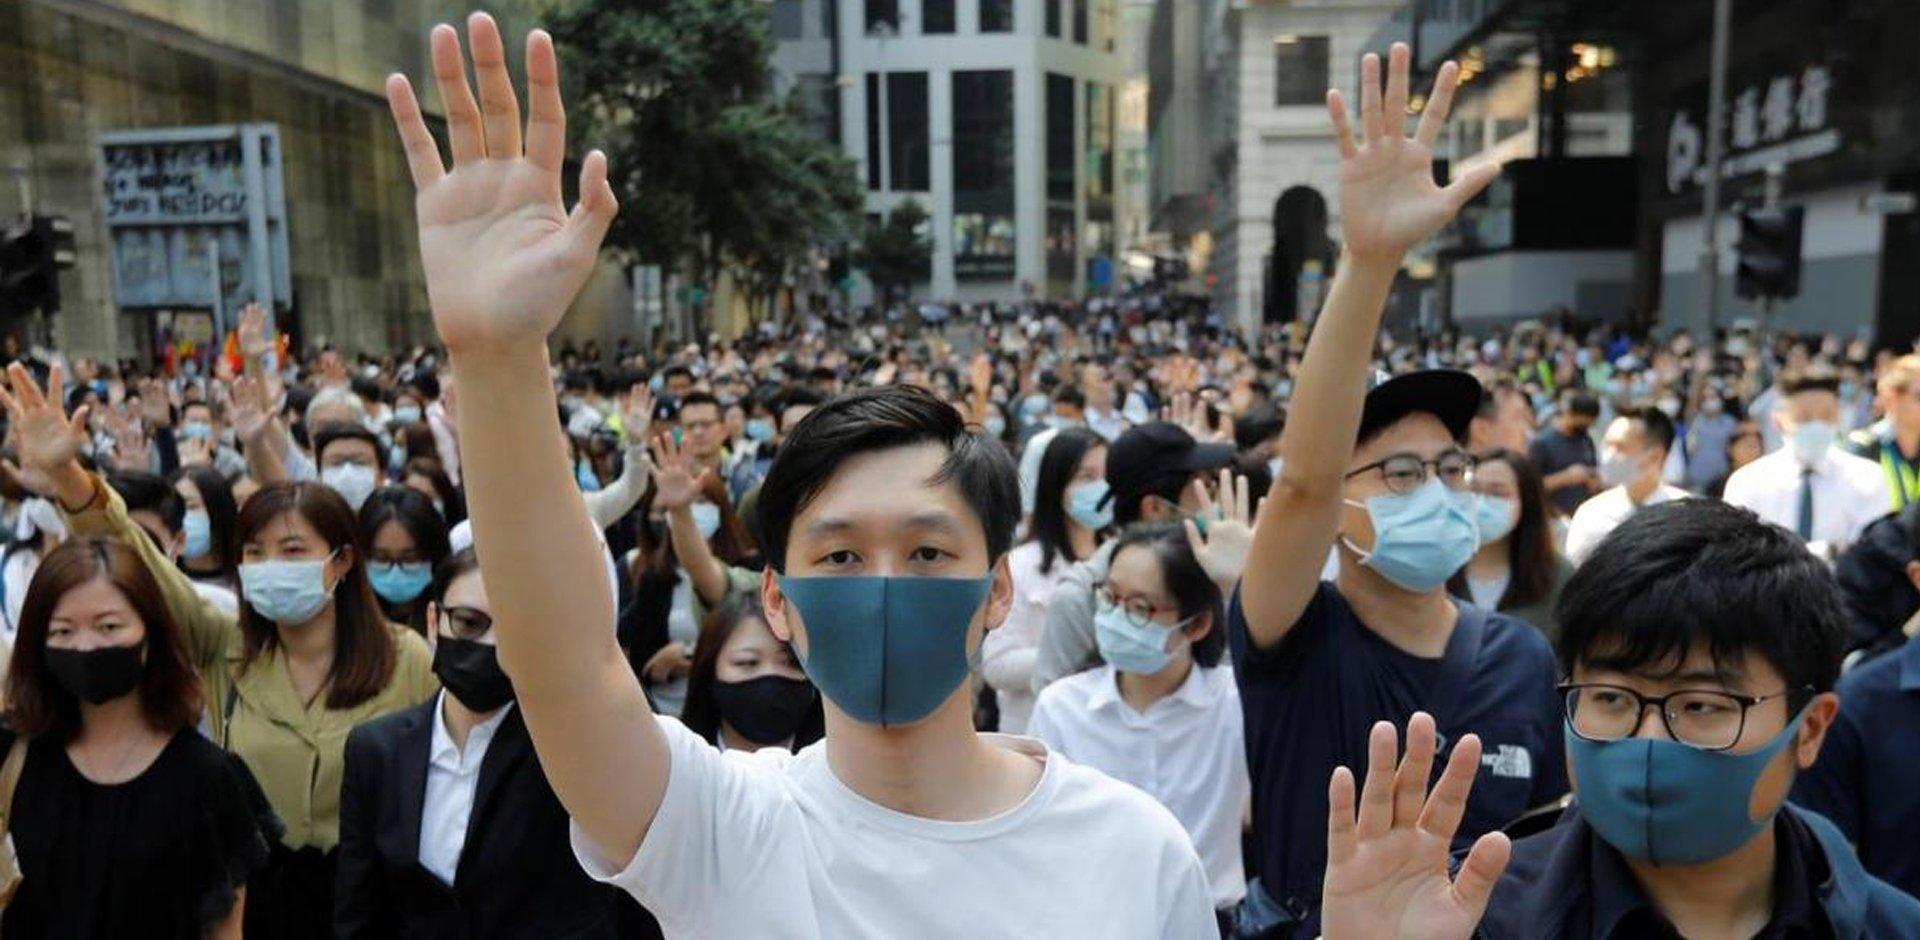 Mascherina accessorio, protesta anti-cinese